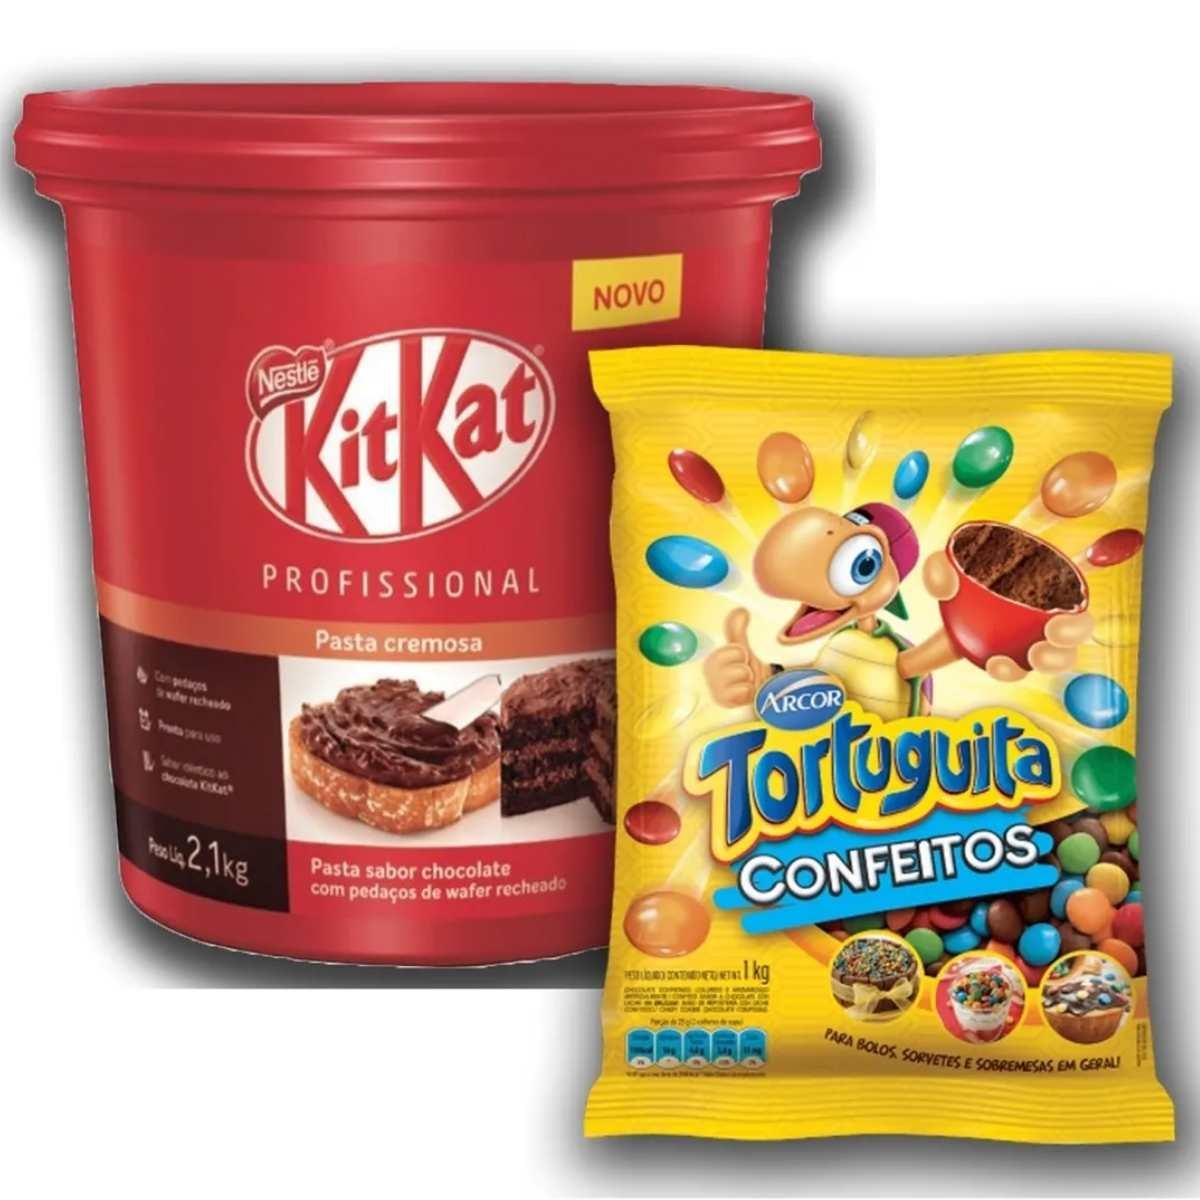 Kit Kat Pasta Cremosa 2kg Nestlé + Confete De Chocolate 1kg